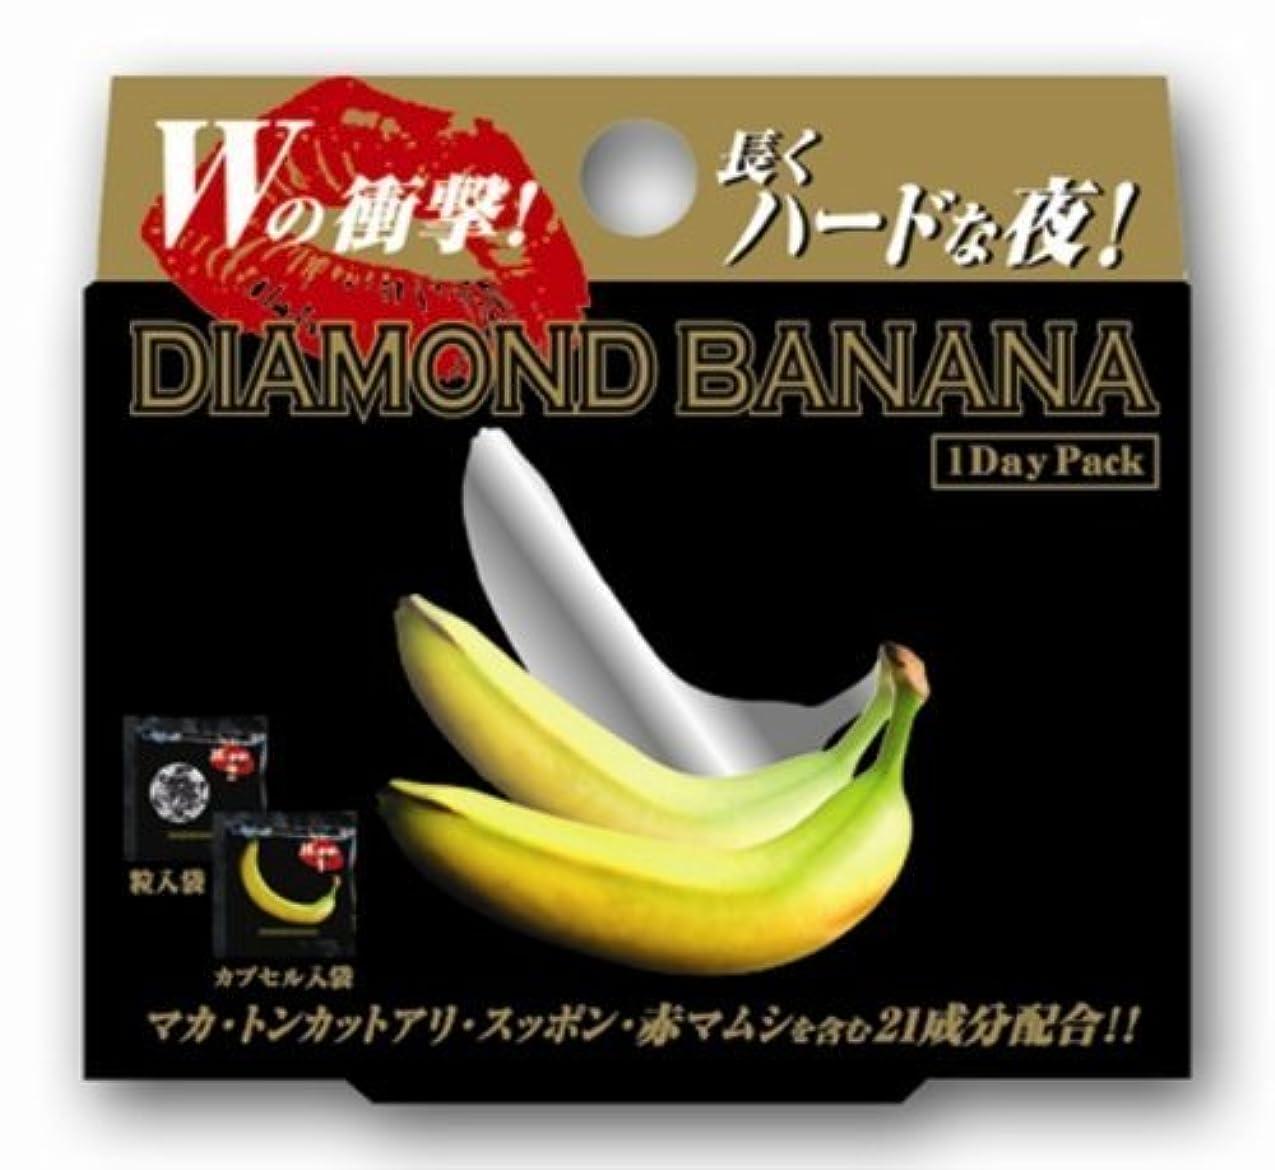 故意に余剰作詞家【2個セット】ダイヤモンドバナナ 1DAYパック